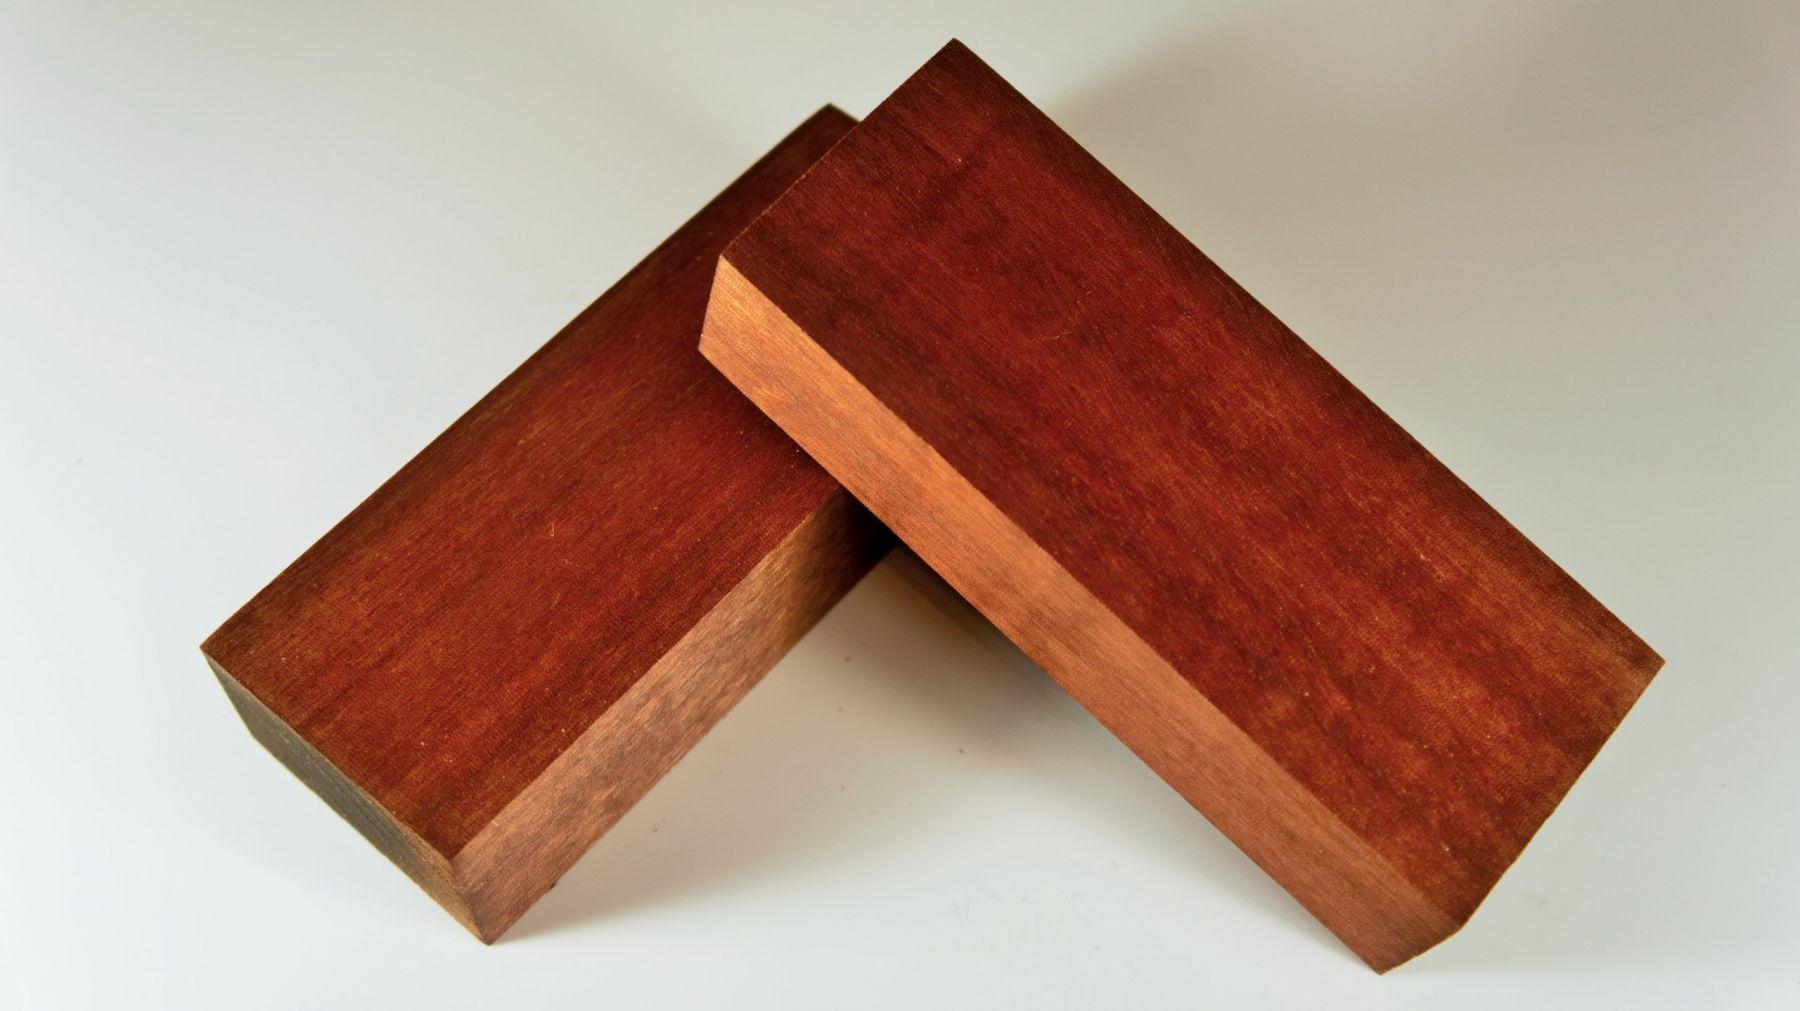 Макоре (Makore) плашки 5-7-10-14 мм на выбор (цена за 1 шт)